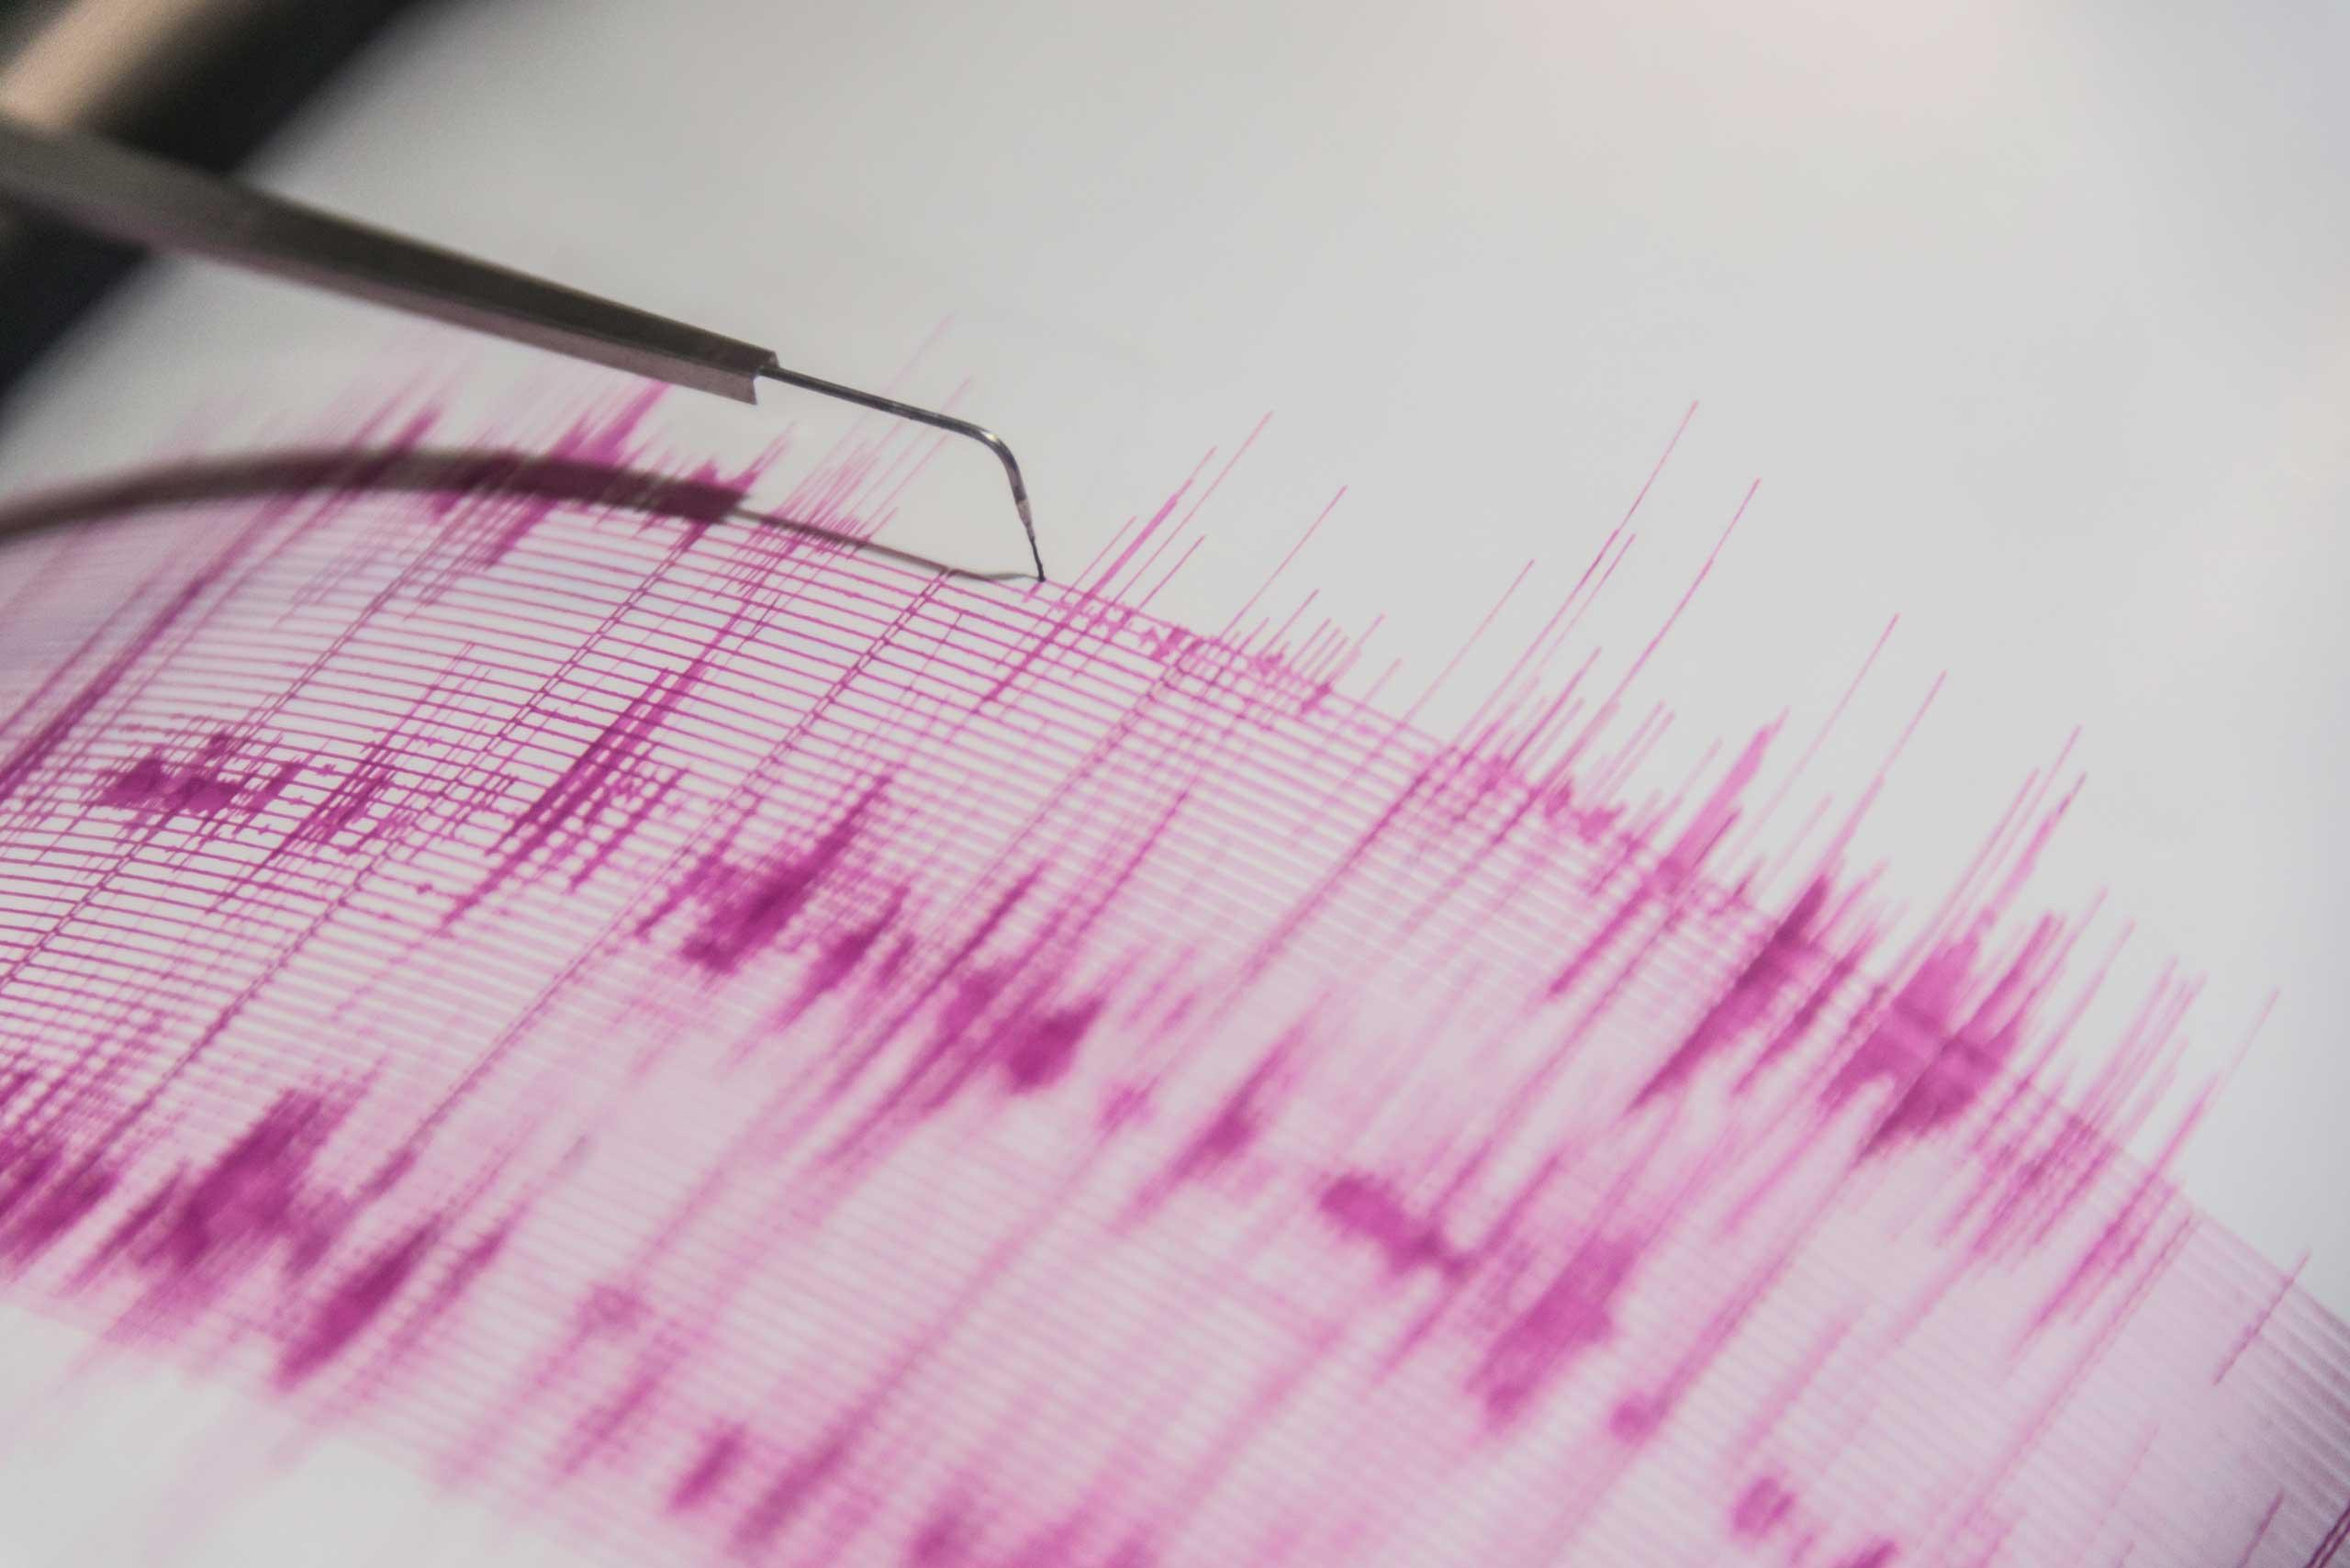 آیا هوش مصنوعی به پیشبینی دقیق زلزله کمک خواهد کرد؟